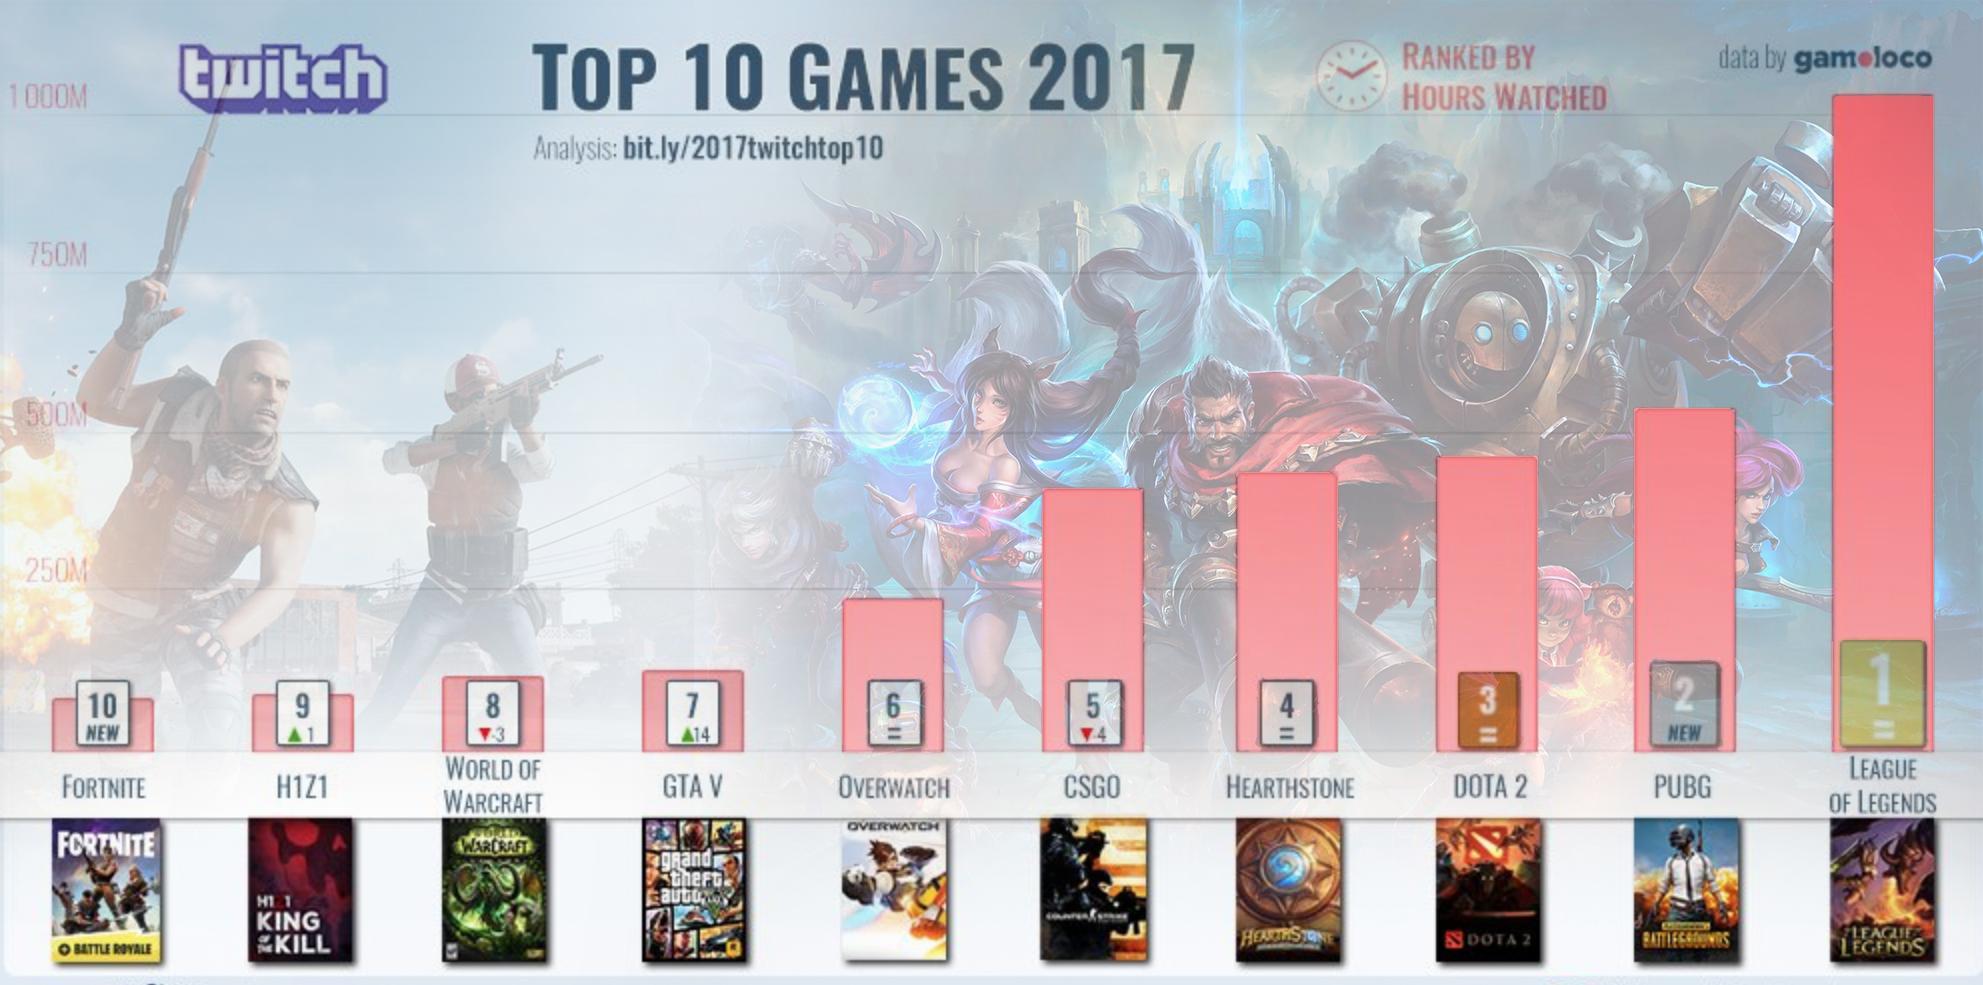 Lol Lidera El Top 10 De Los Mejores Juegos De Twitch De 2017